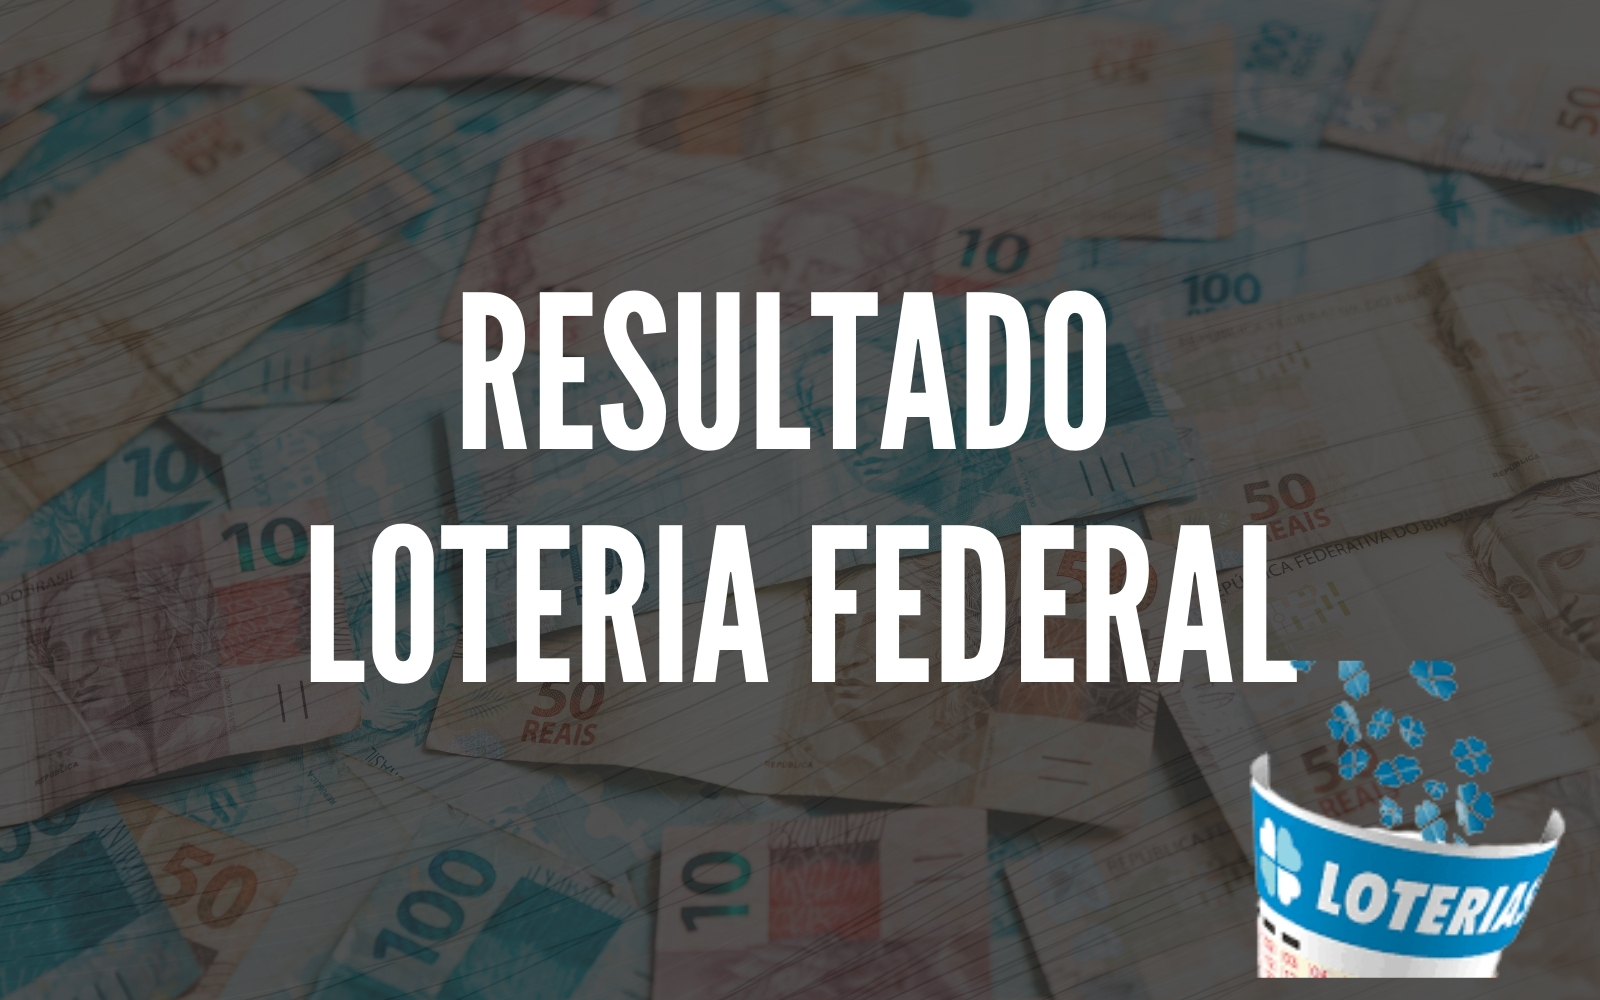 Resultado Loteria Federal 5609 de hoje, quarta-feira (27/10/21)